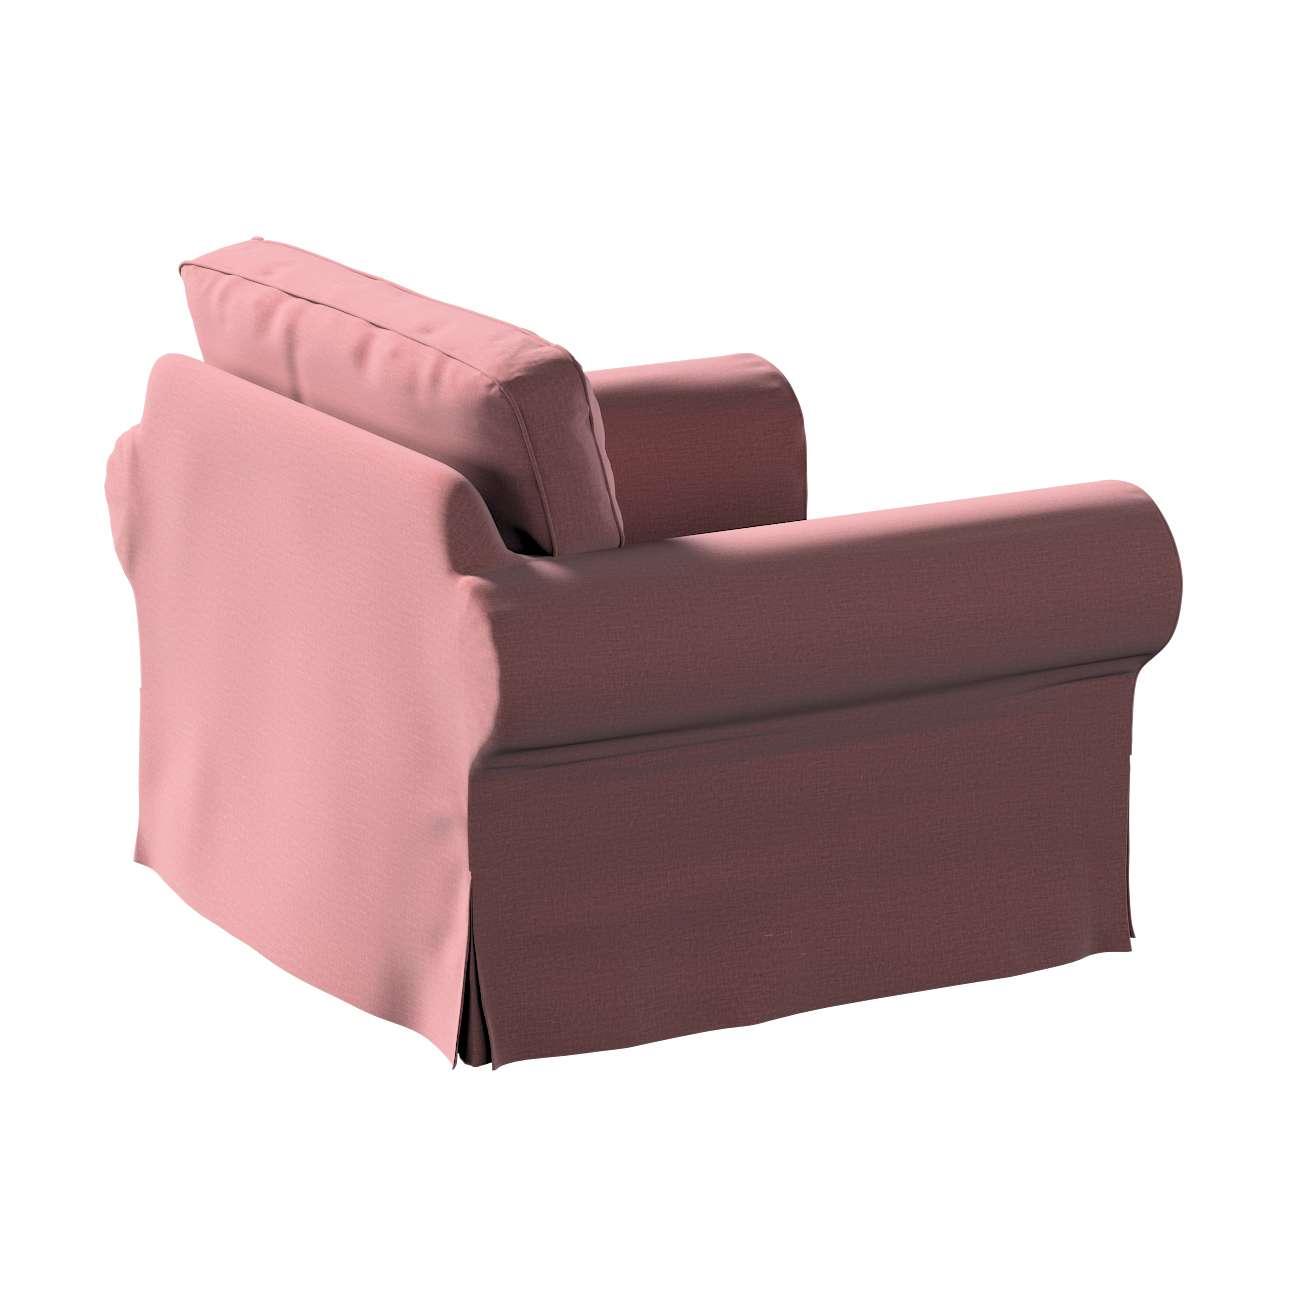 Pokrowiec na fotel Ektorp w kolekcji Ingrid, tkanina: 705-38